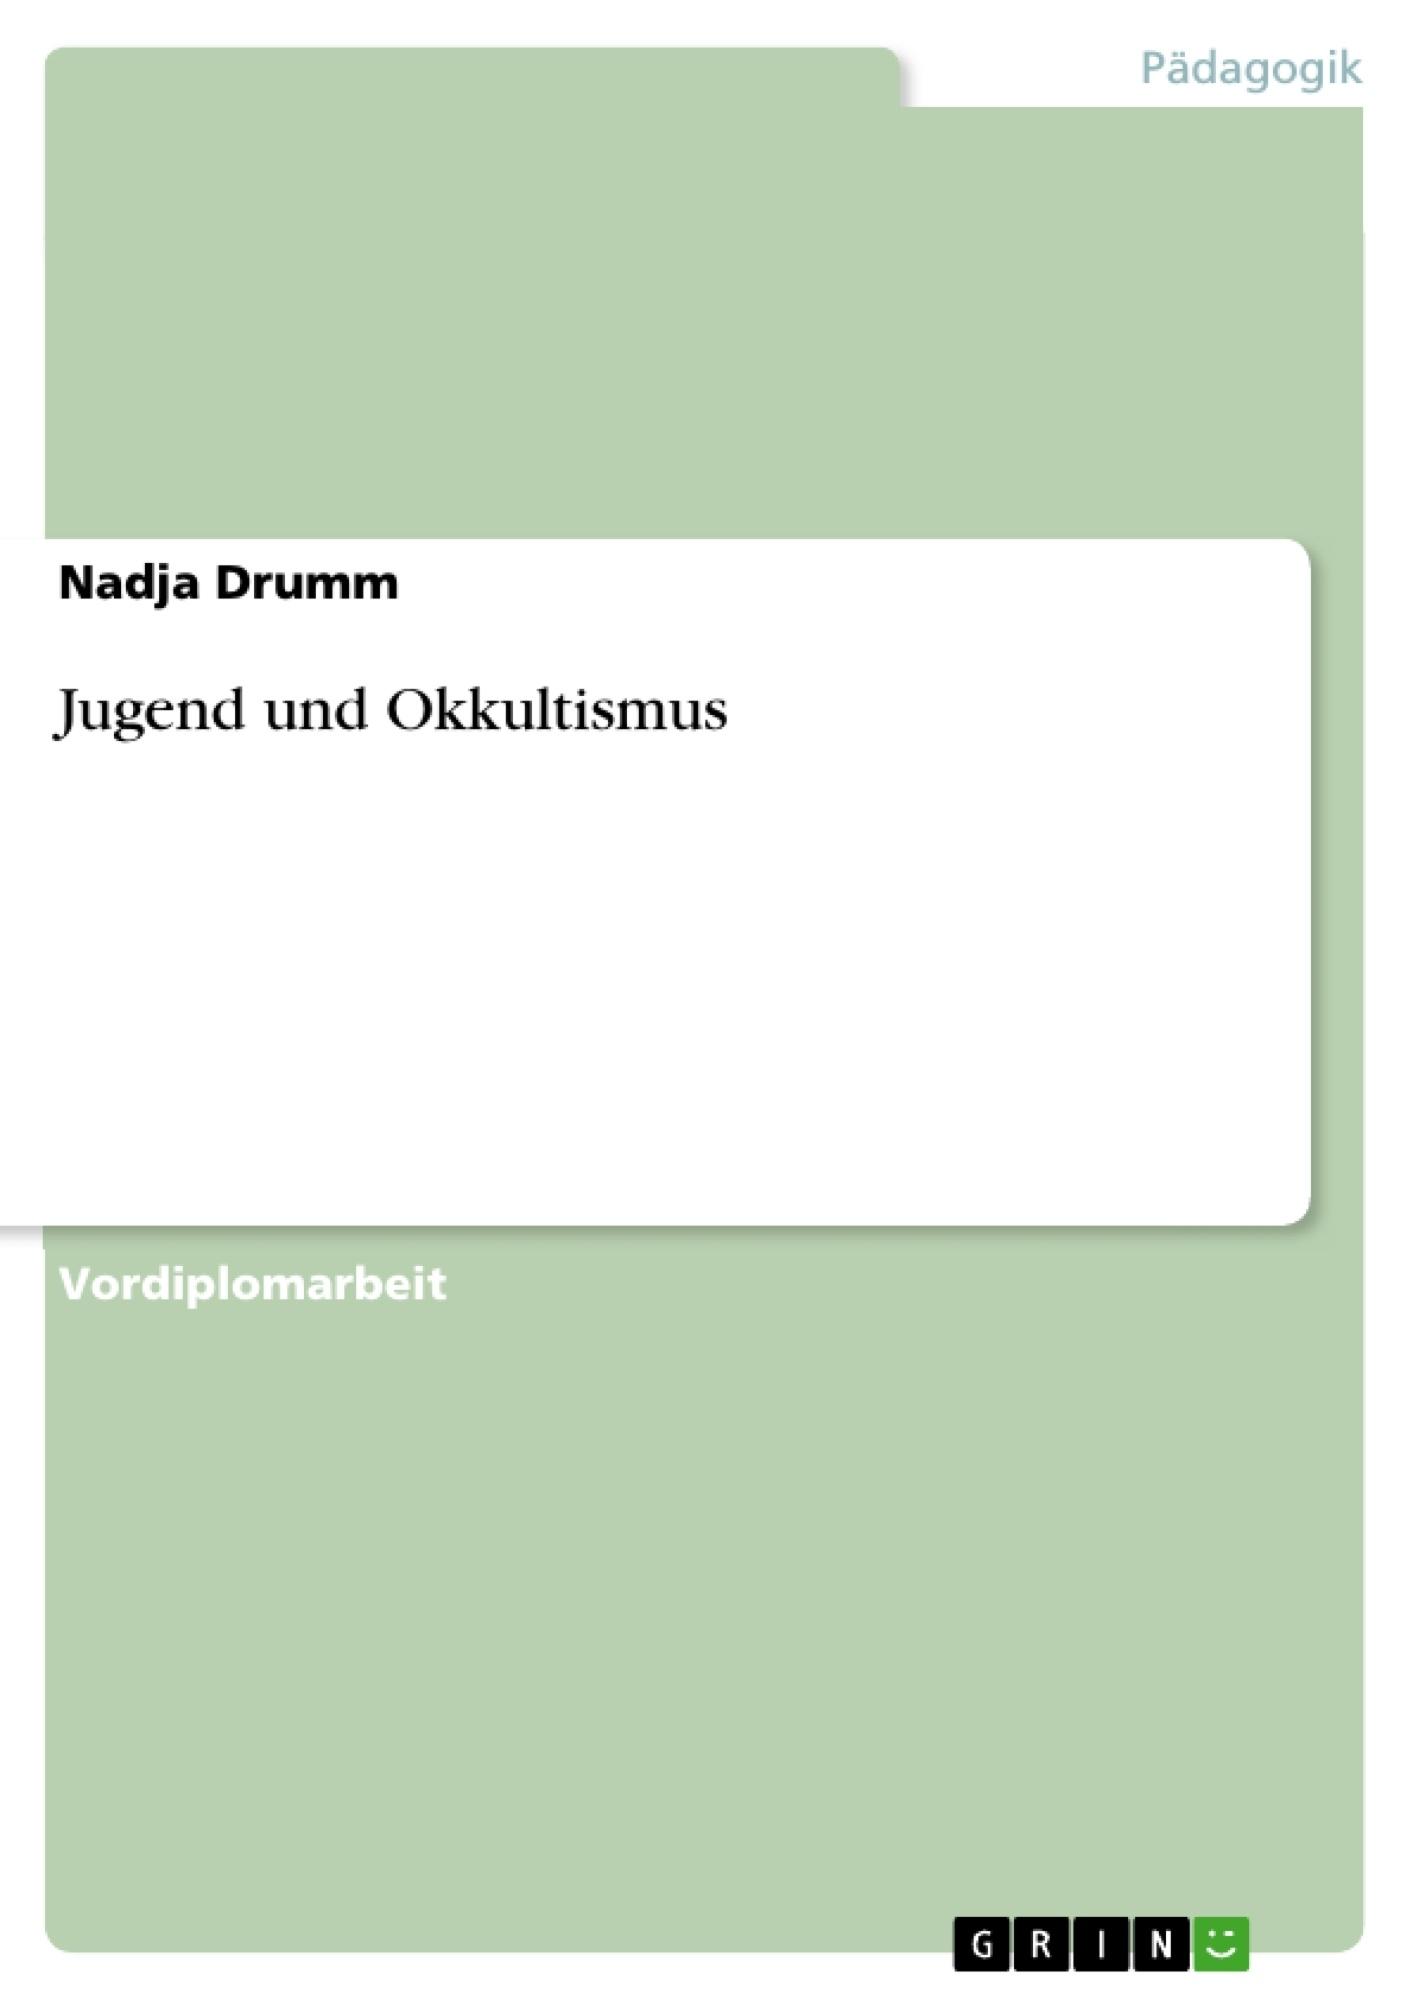 Titel: Jugend und Okkultismus